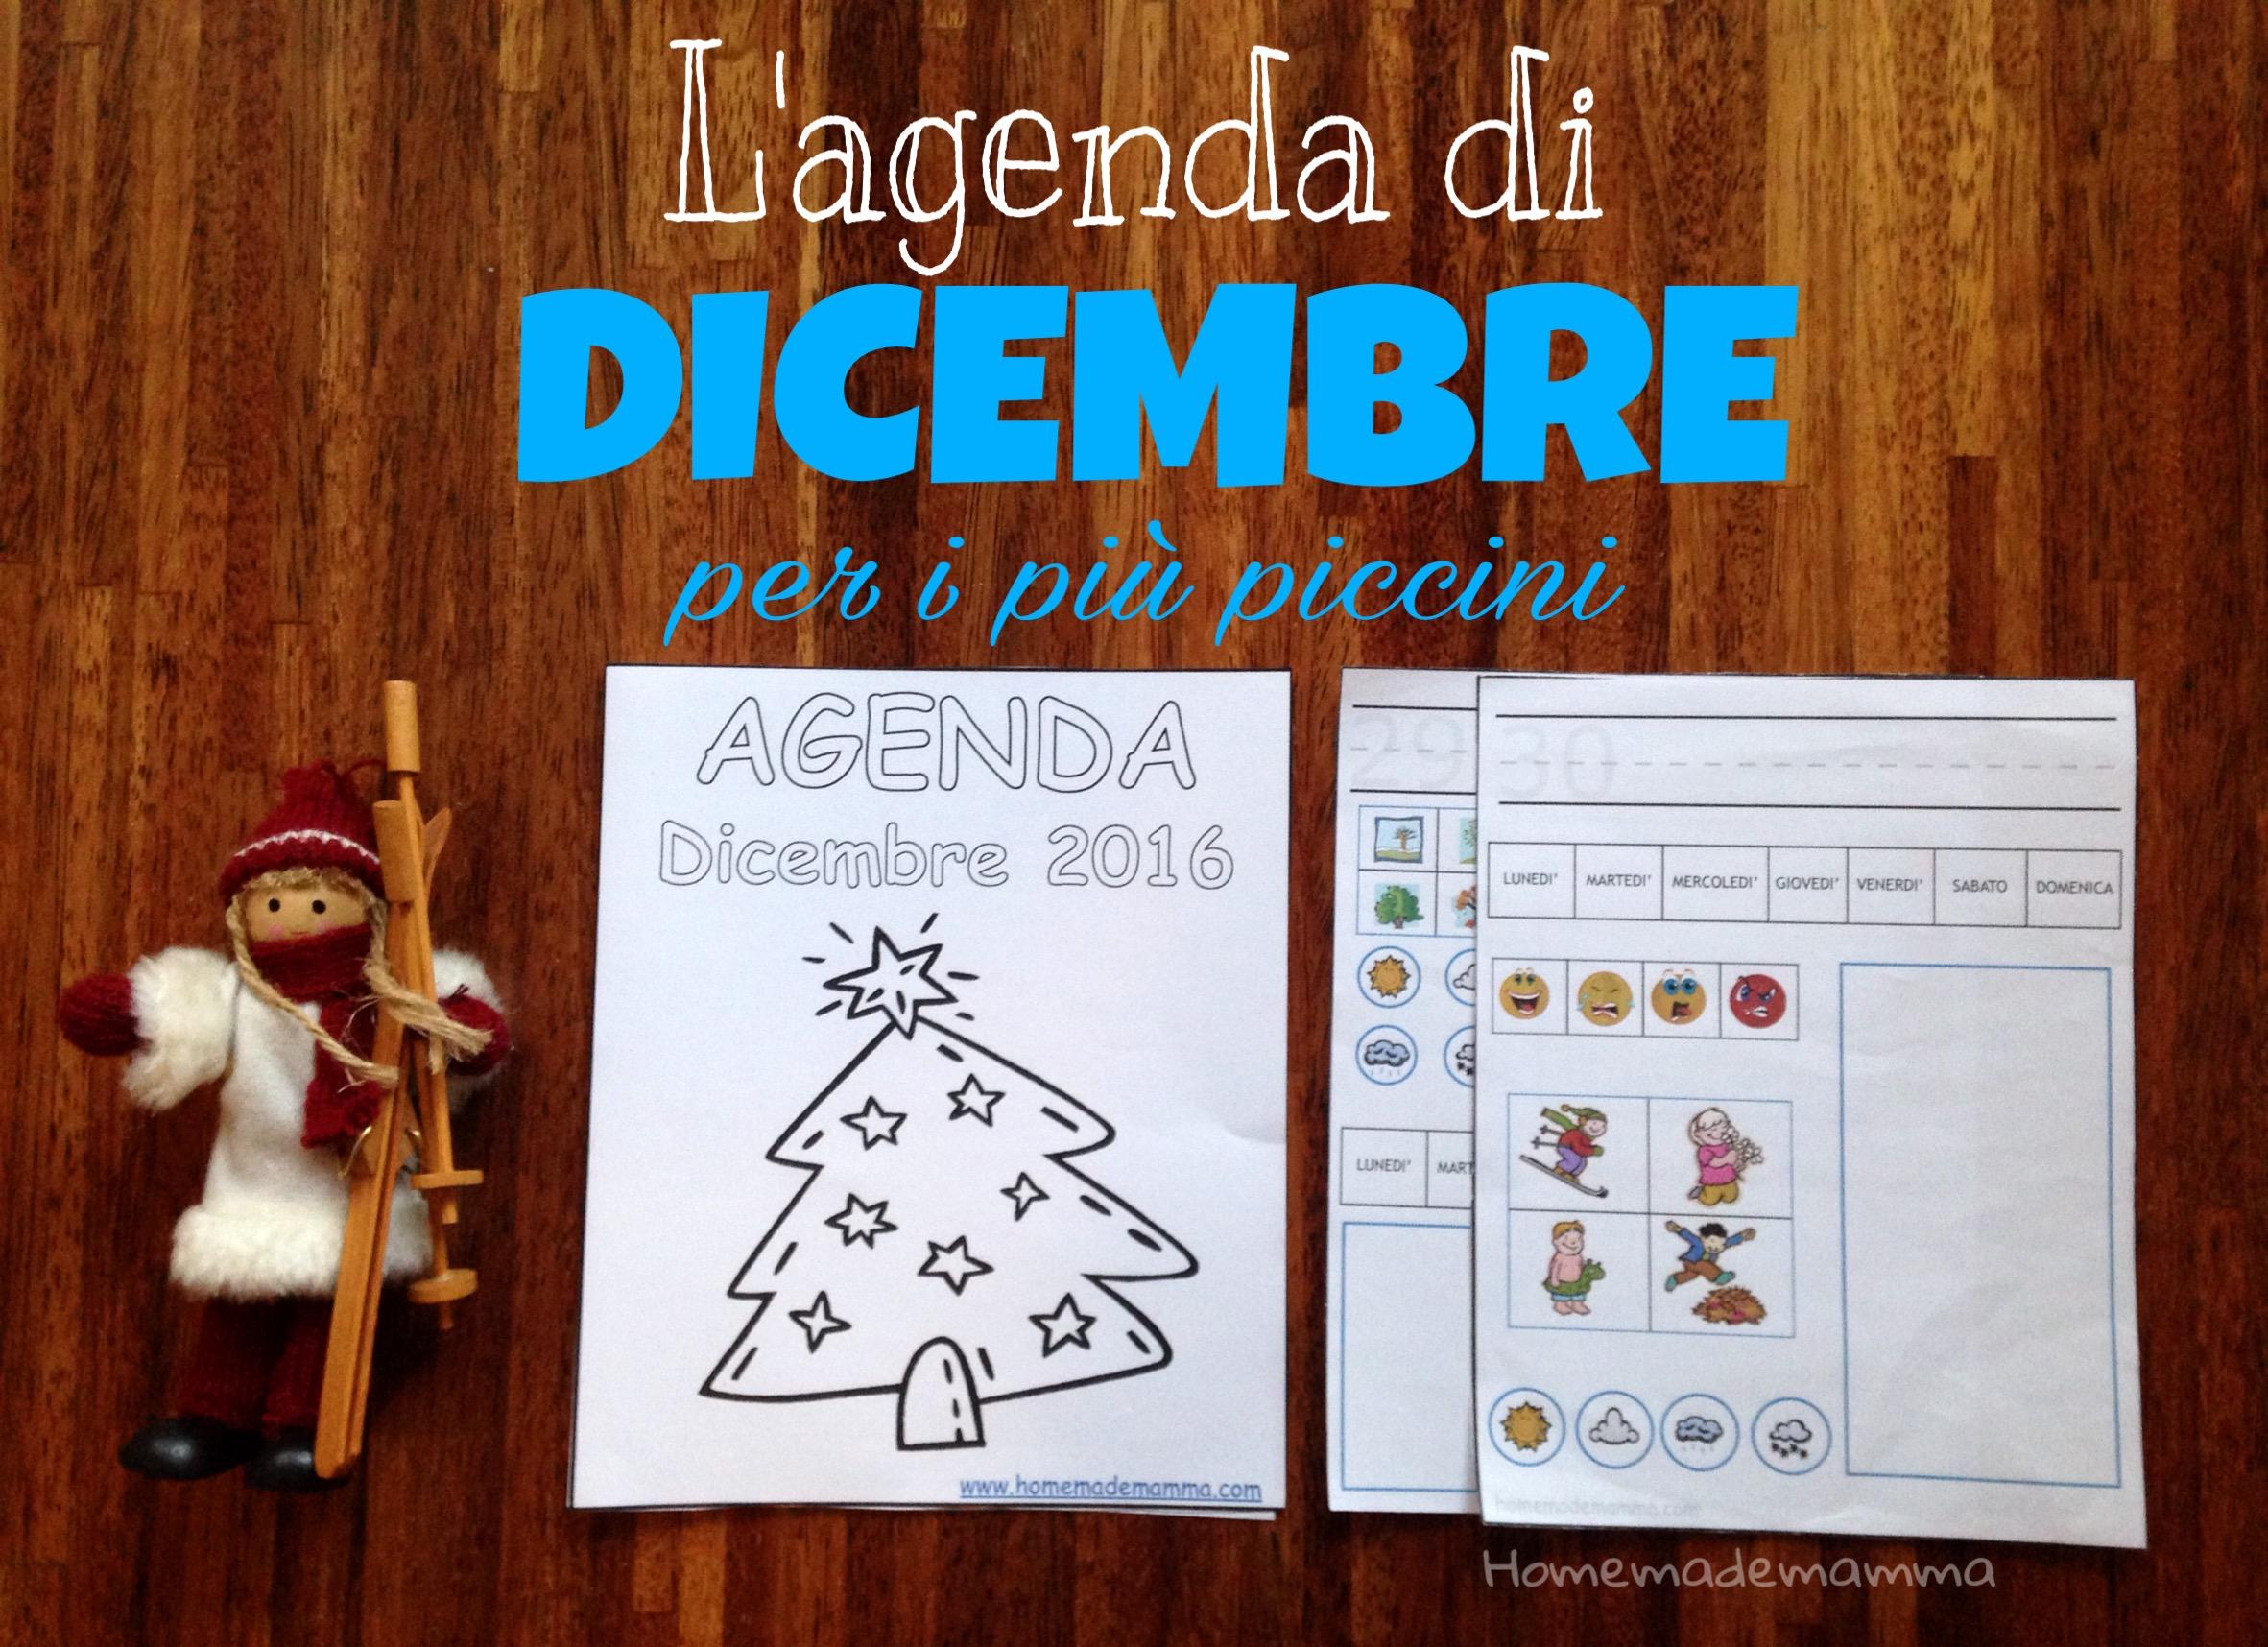 agenda dicembre bambini stampare gratis Homamdemamma